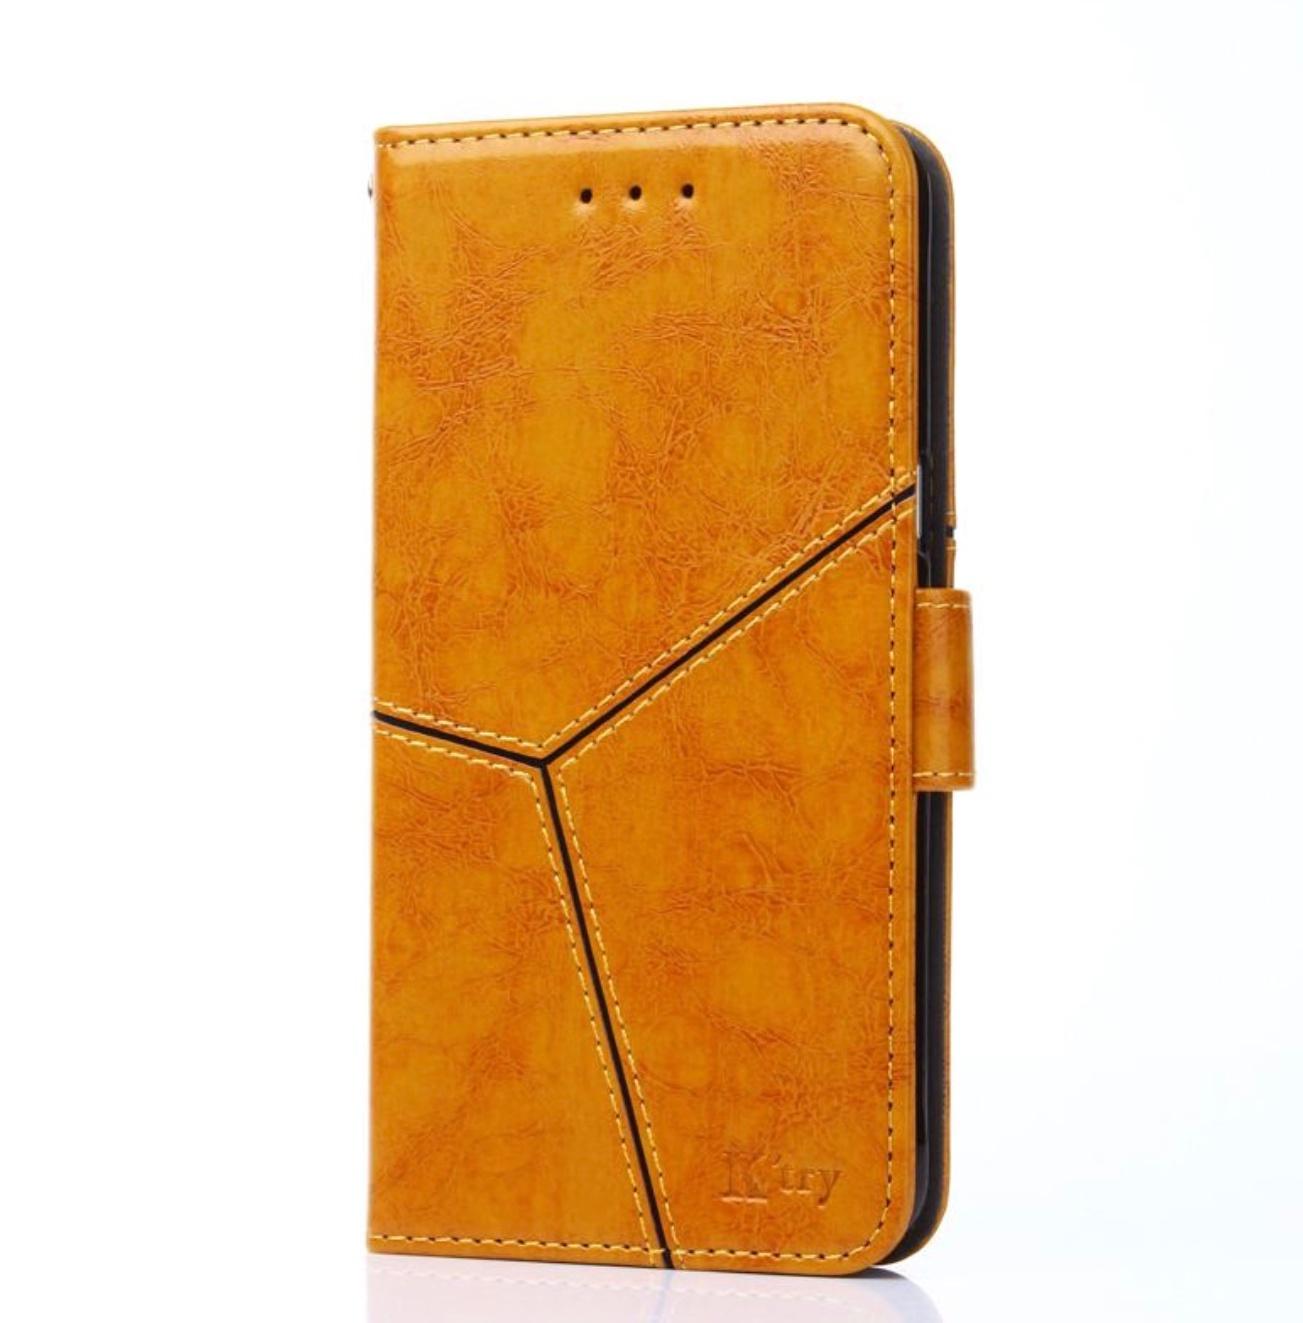 Чехол-книжка MyPads для LG G7 ThinQ / LG G7 прошитый по контуру с необычным геометрическим швом золотой желтый смартфон lg g7 thinq 64 гб ледяная платина lmg710emw acispl